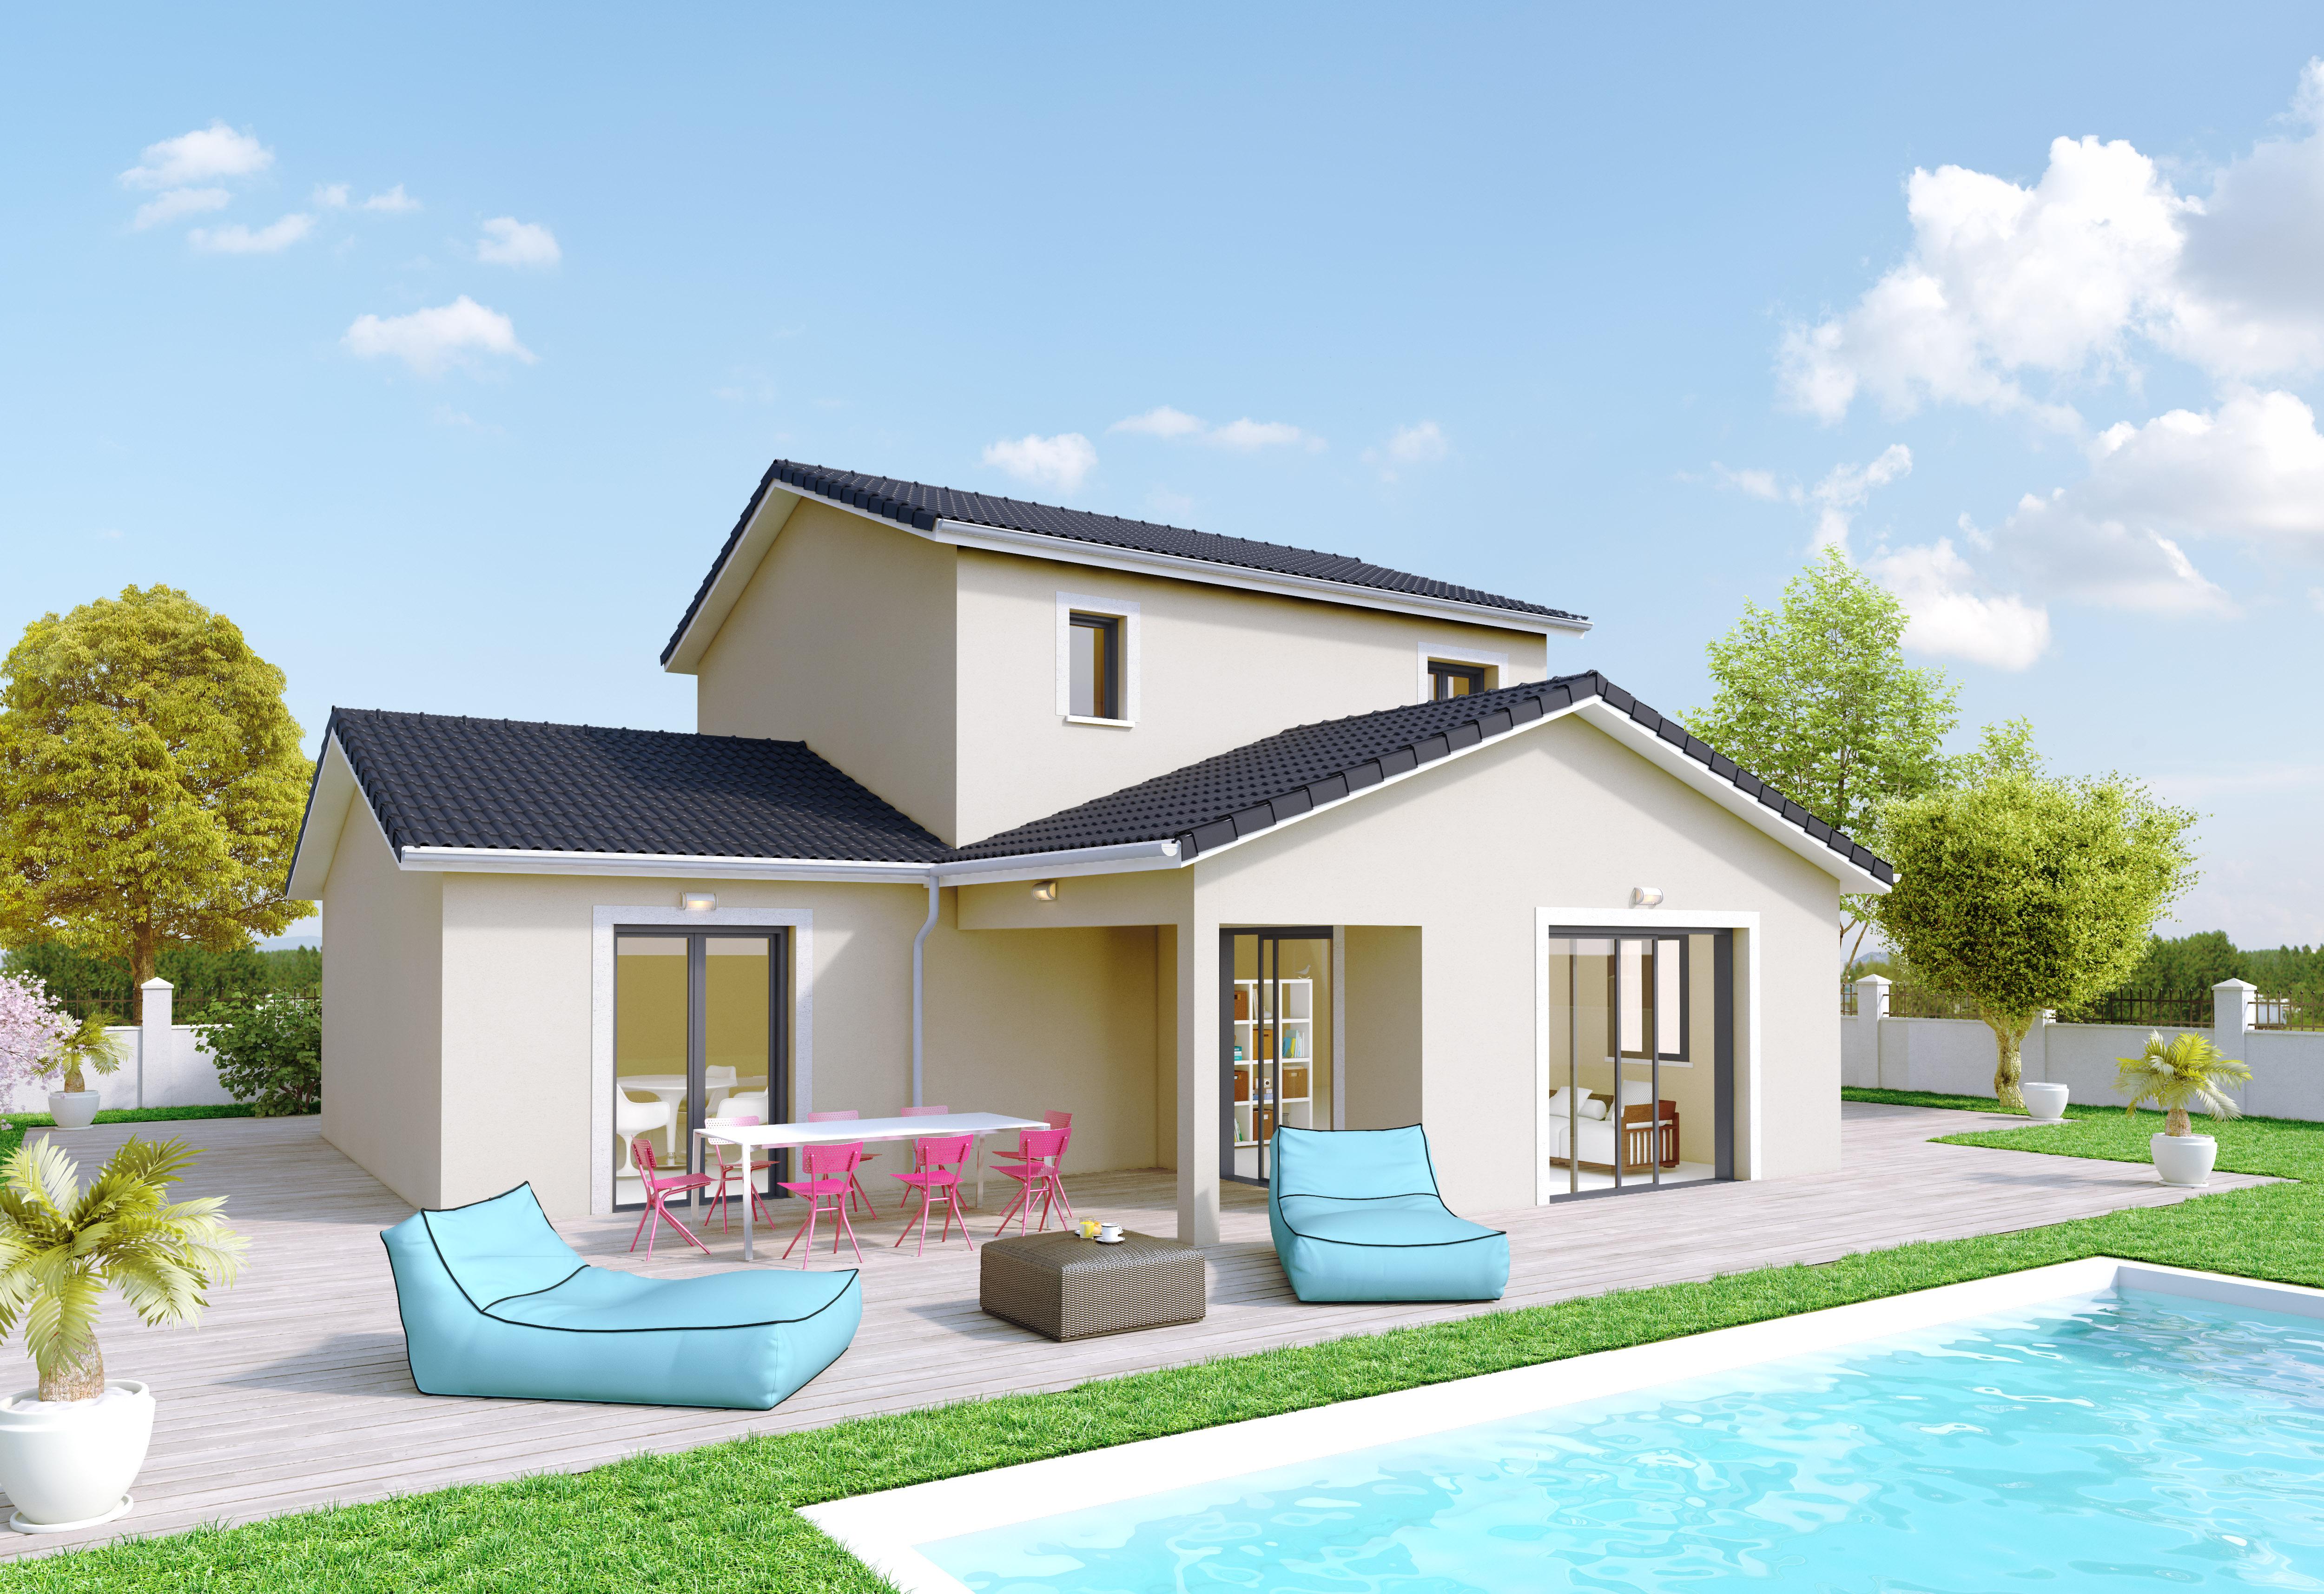 Annonce vente maison andr zieux bouth on 42160 83 m for Une autre maison andrezieux